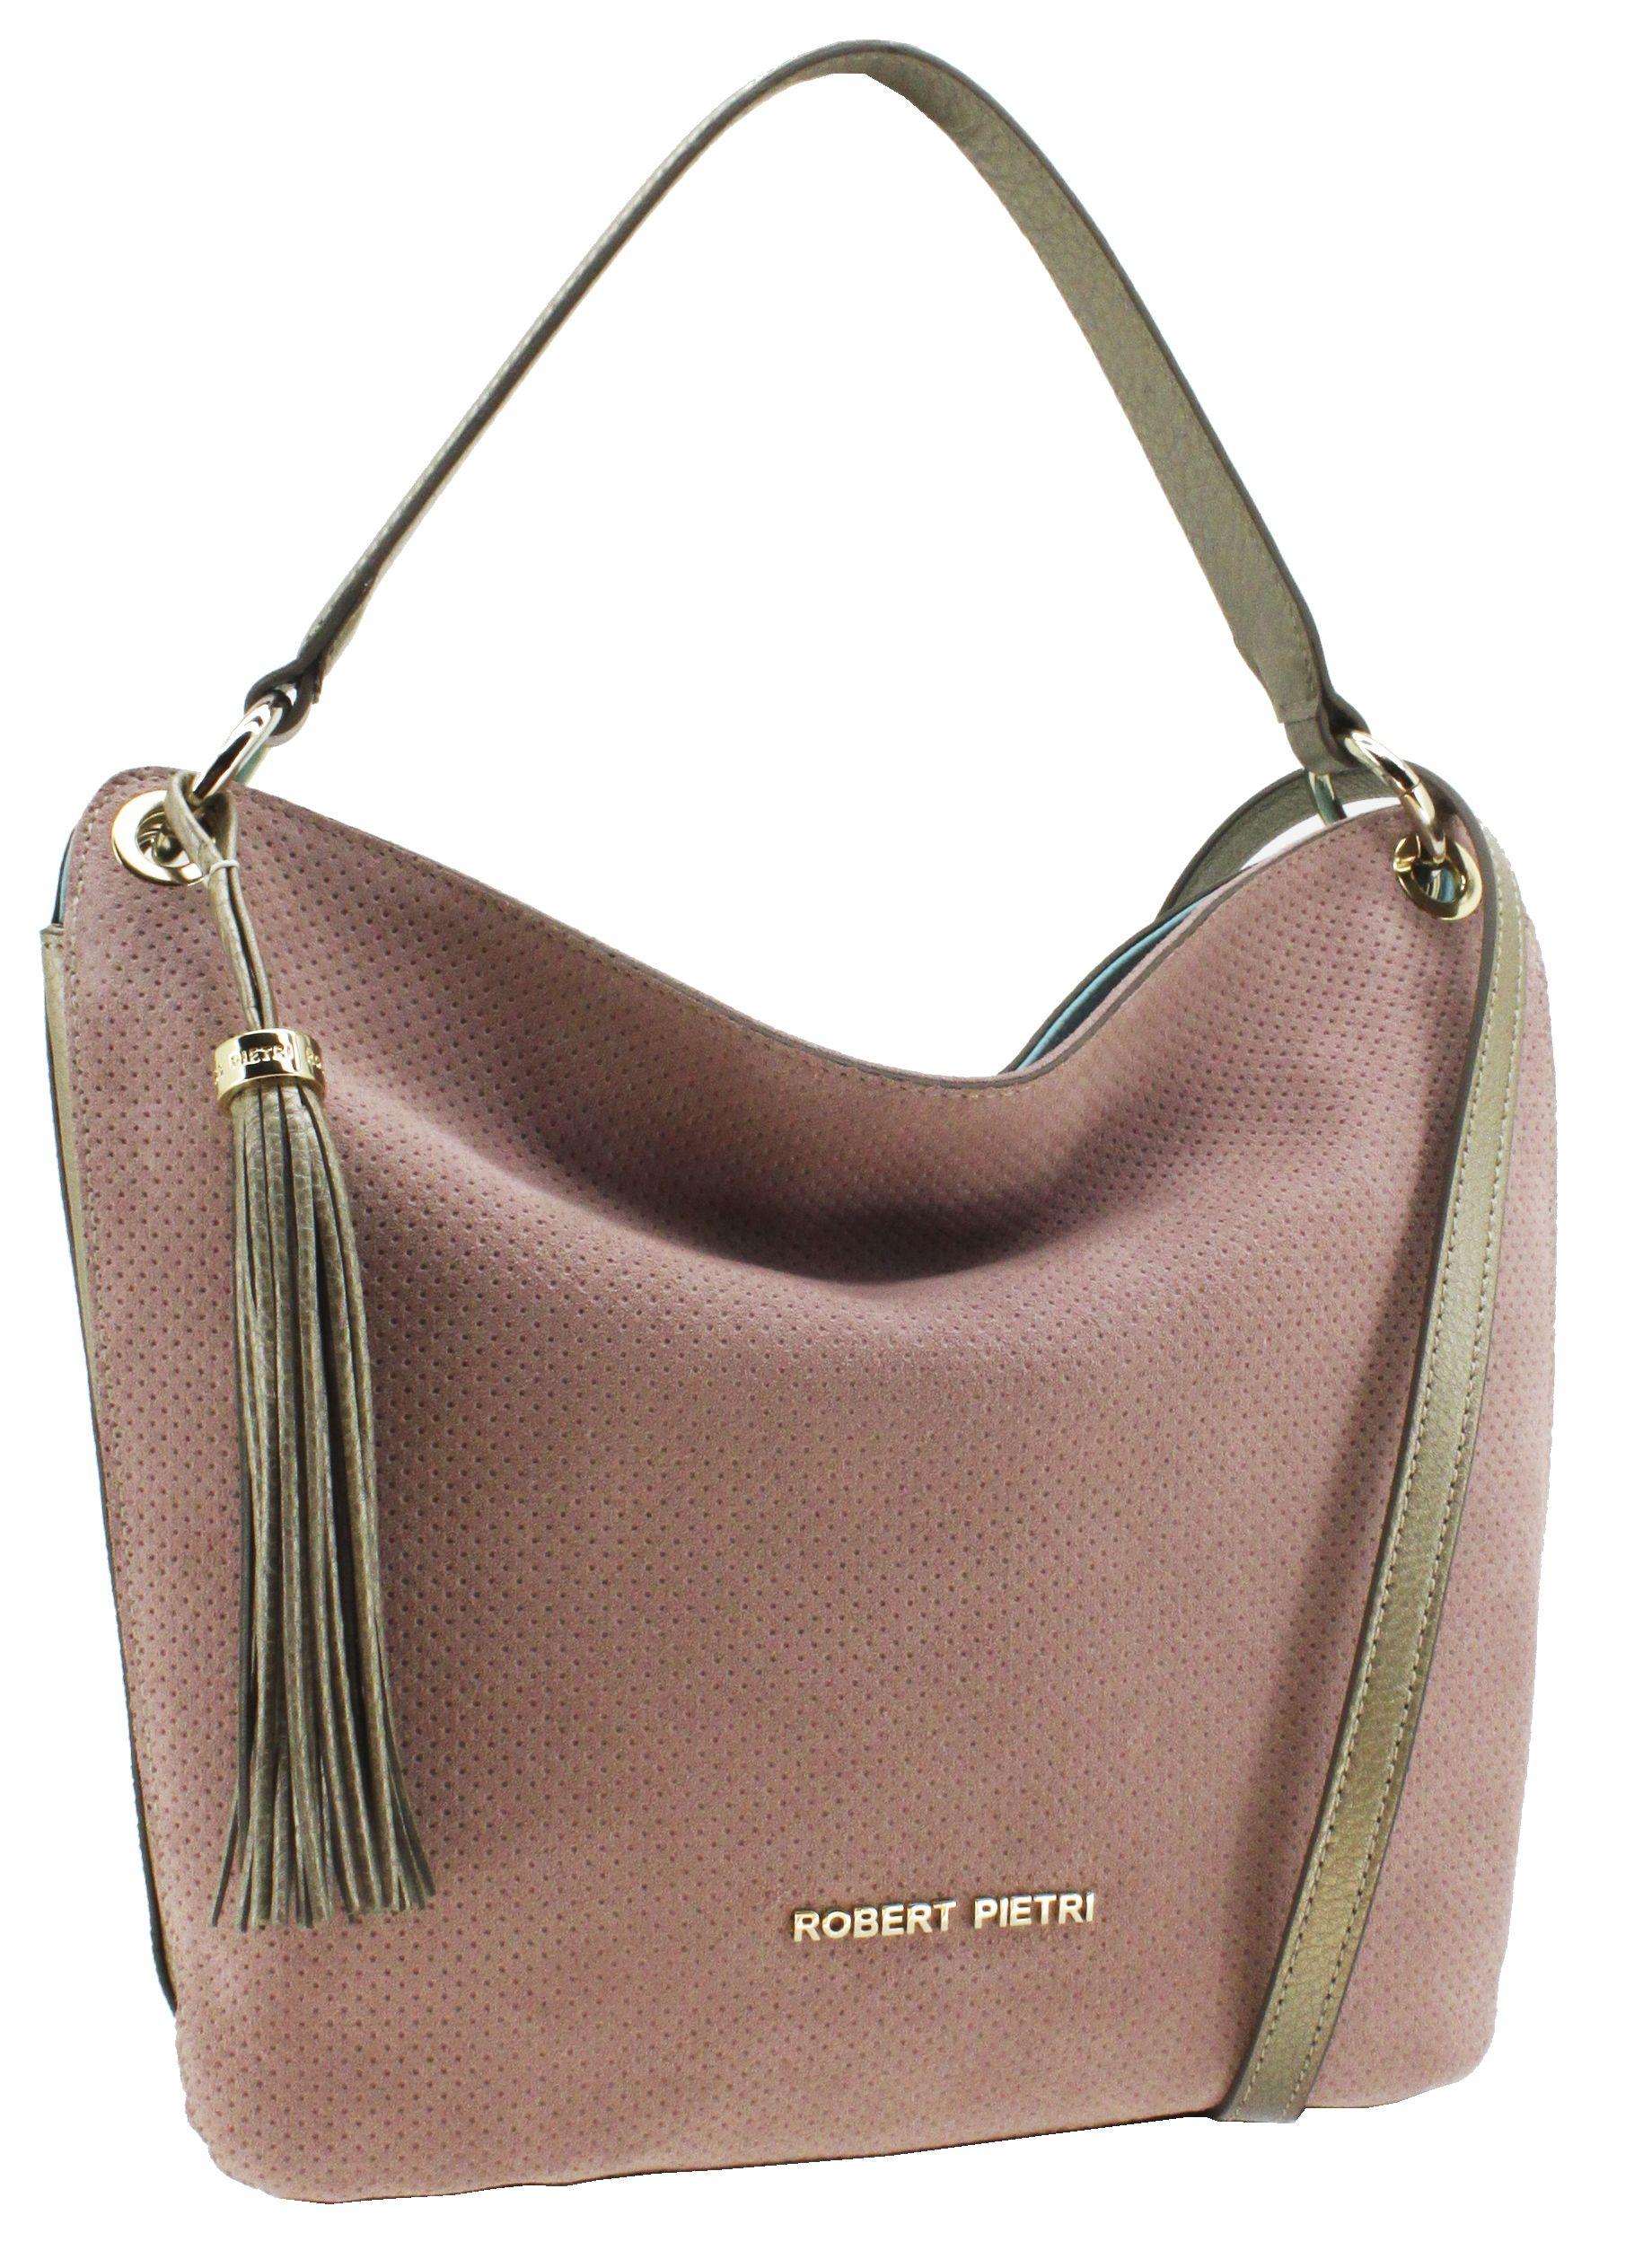 Robert Pietri Handbags Nueva Colección De Bolsos Piel Ss16 Tropical Robertpietri